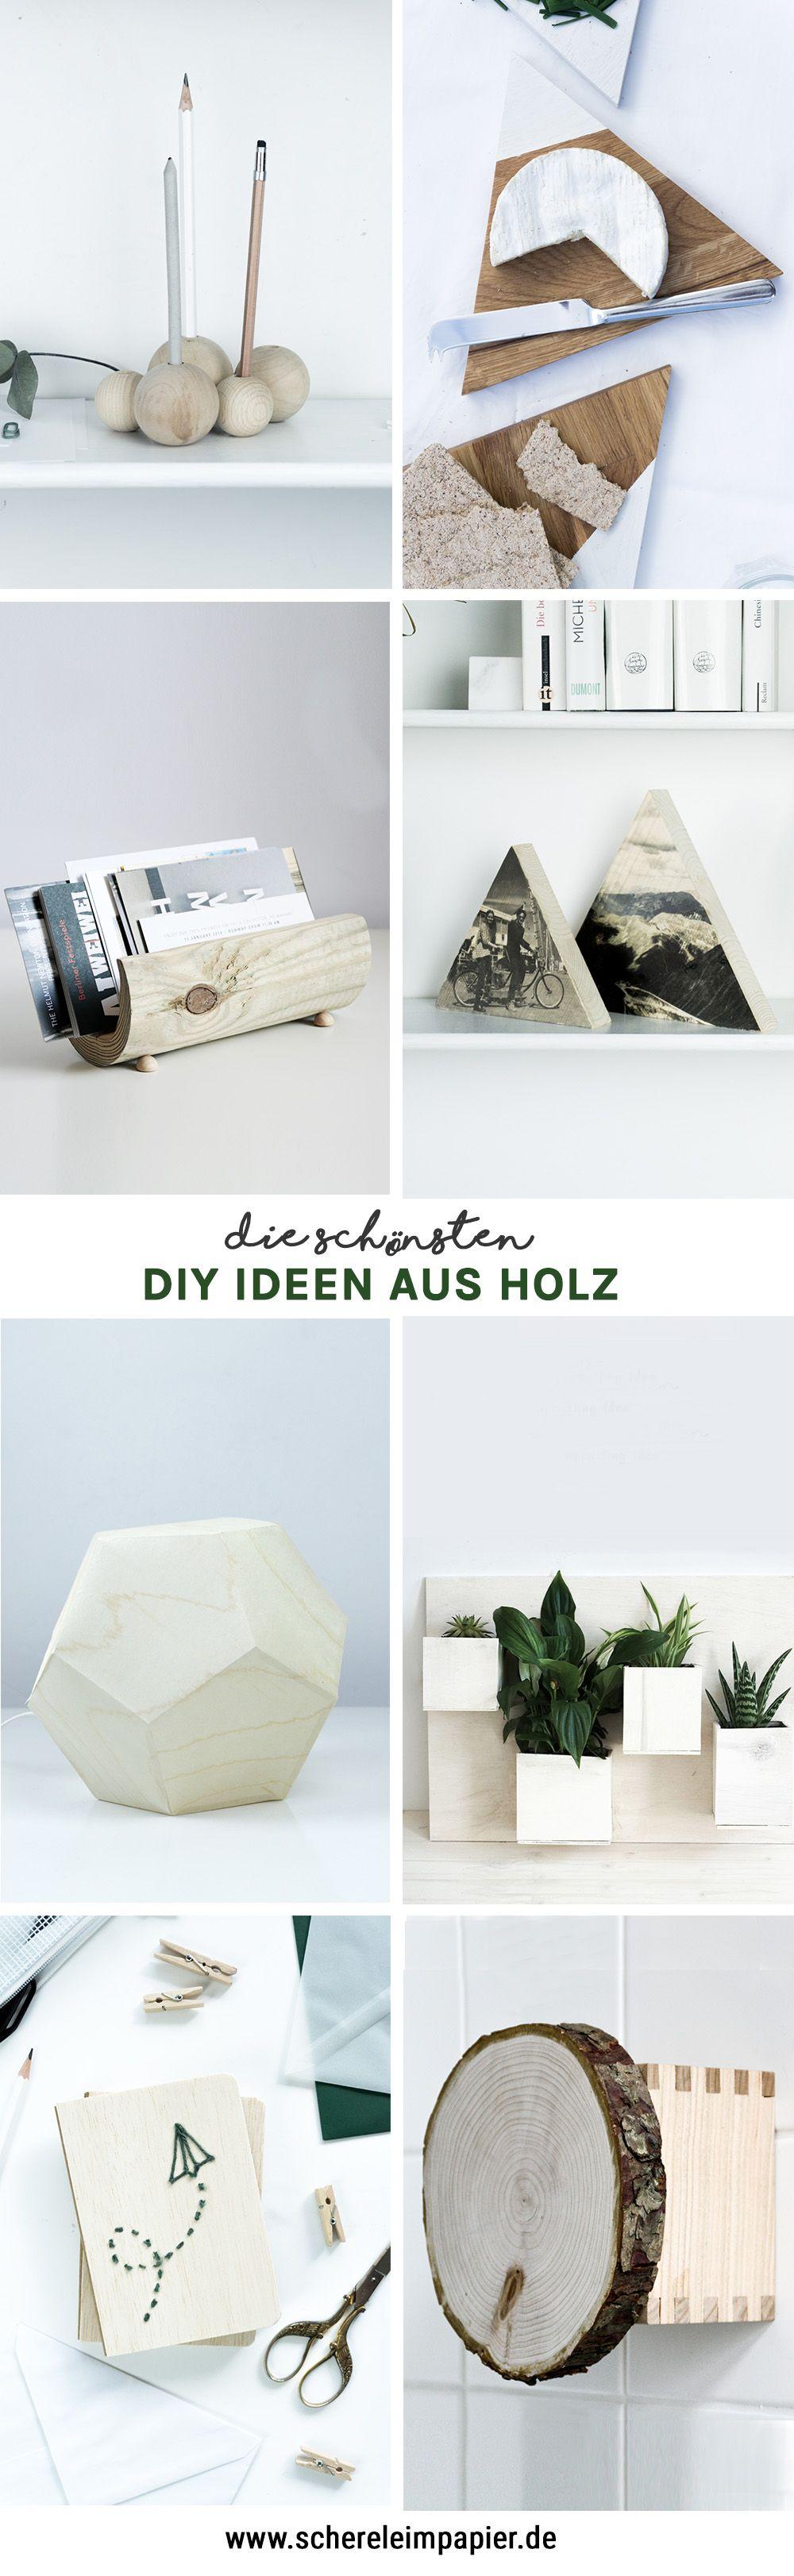 diy holz diy holz pinterest basteln mit holz diy geschenkideen und diy wohnen. Black Bedroom Furniture Sets. Home Design Ideas